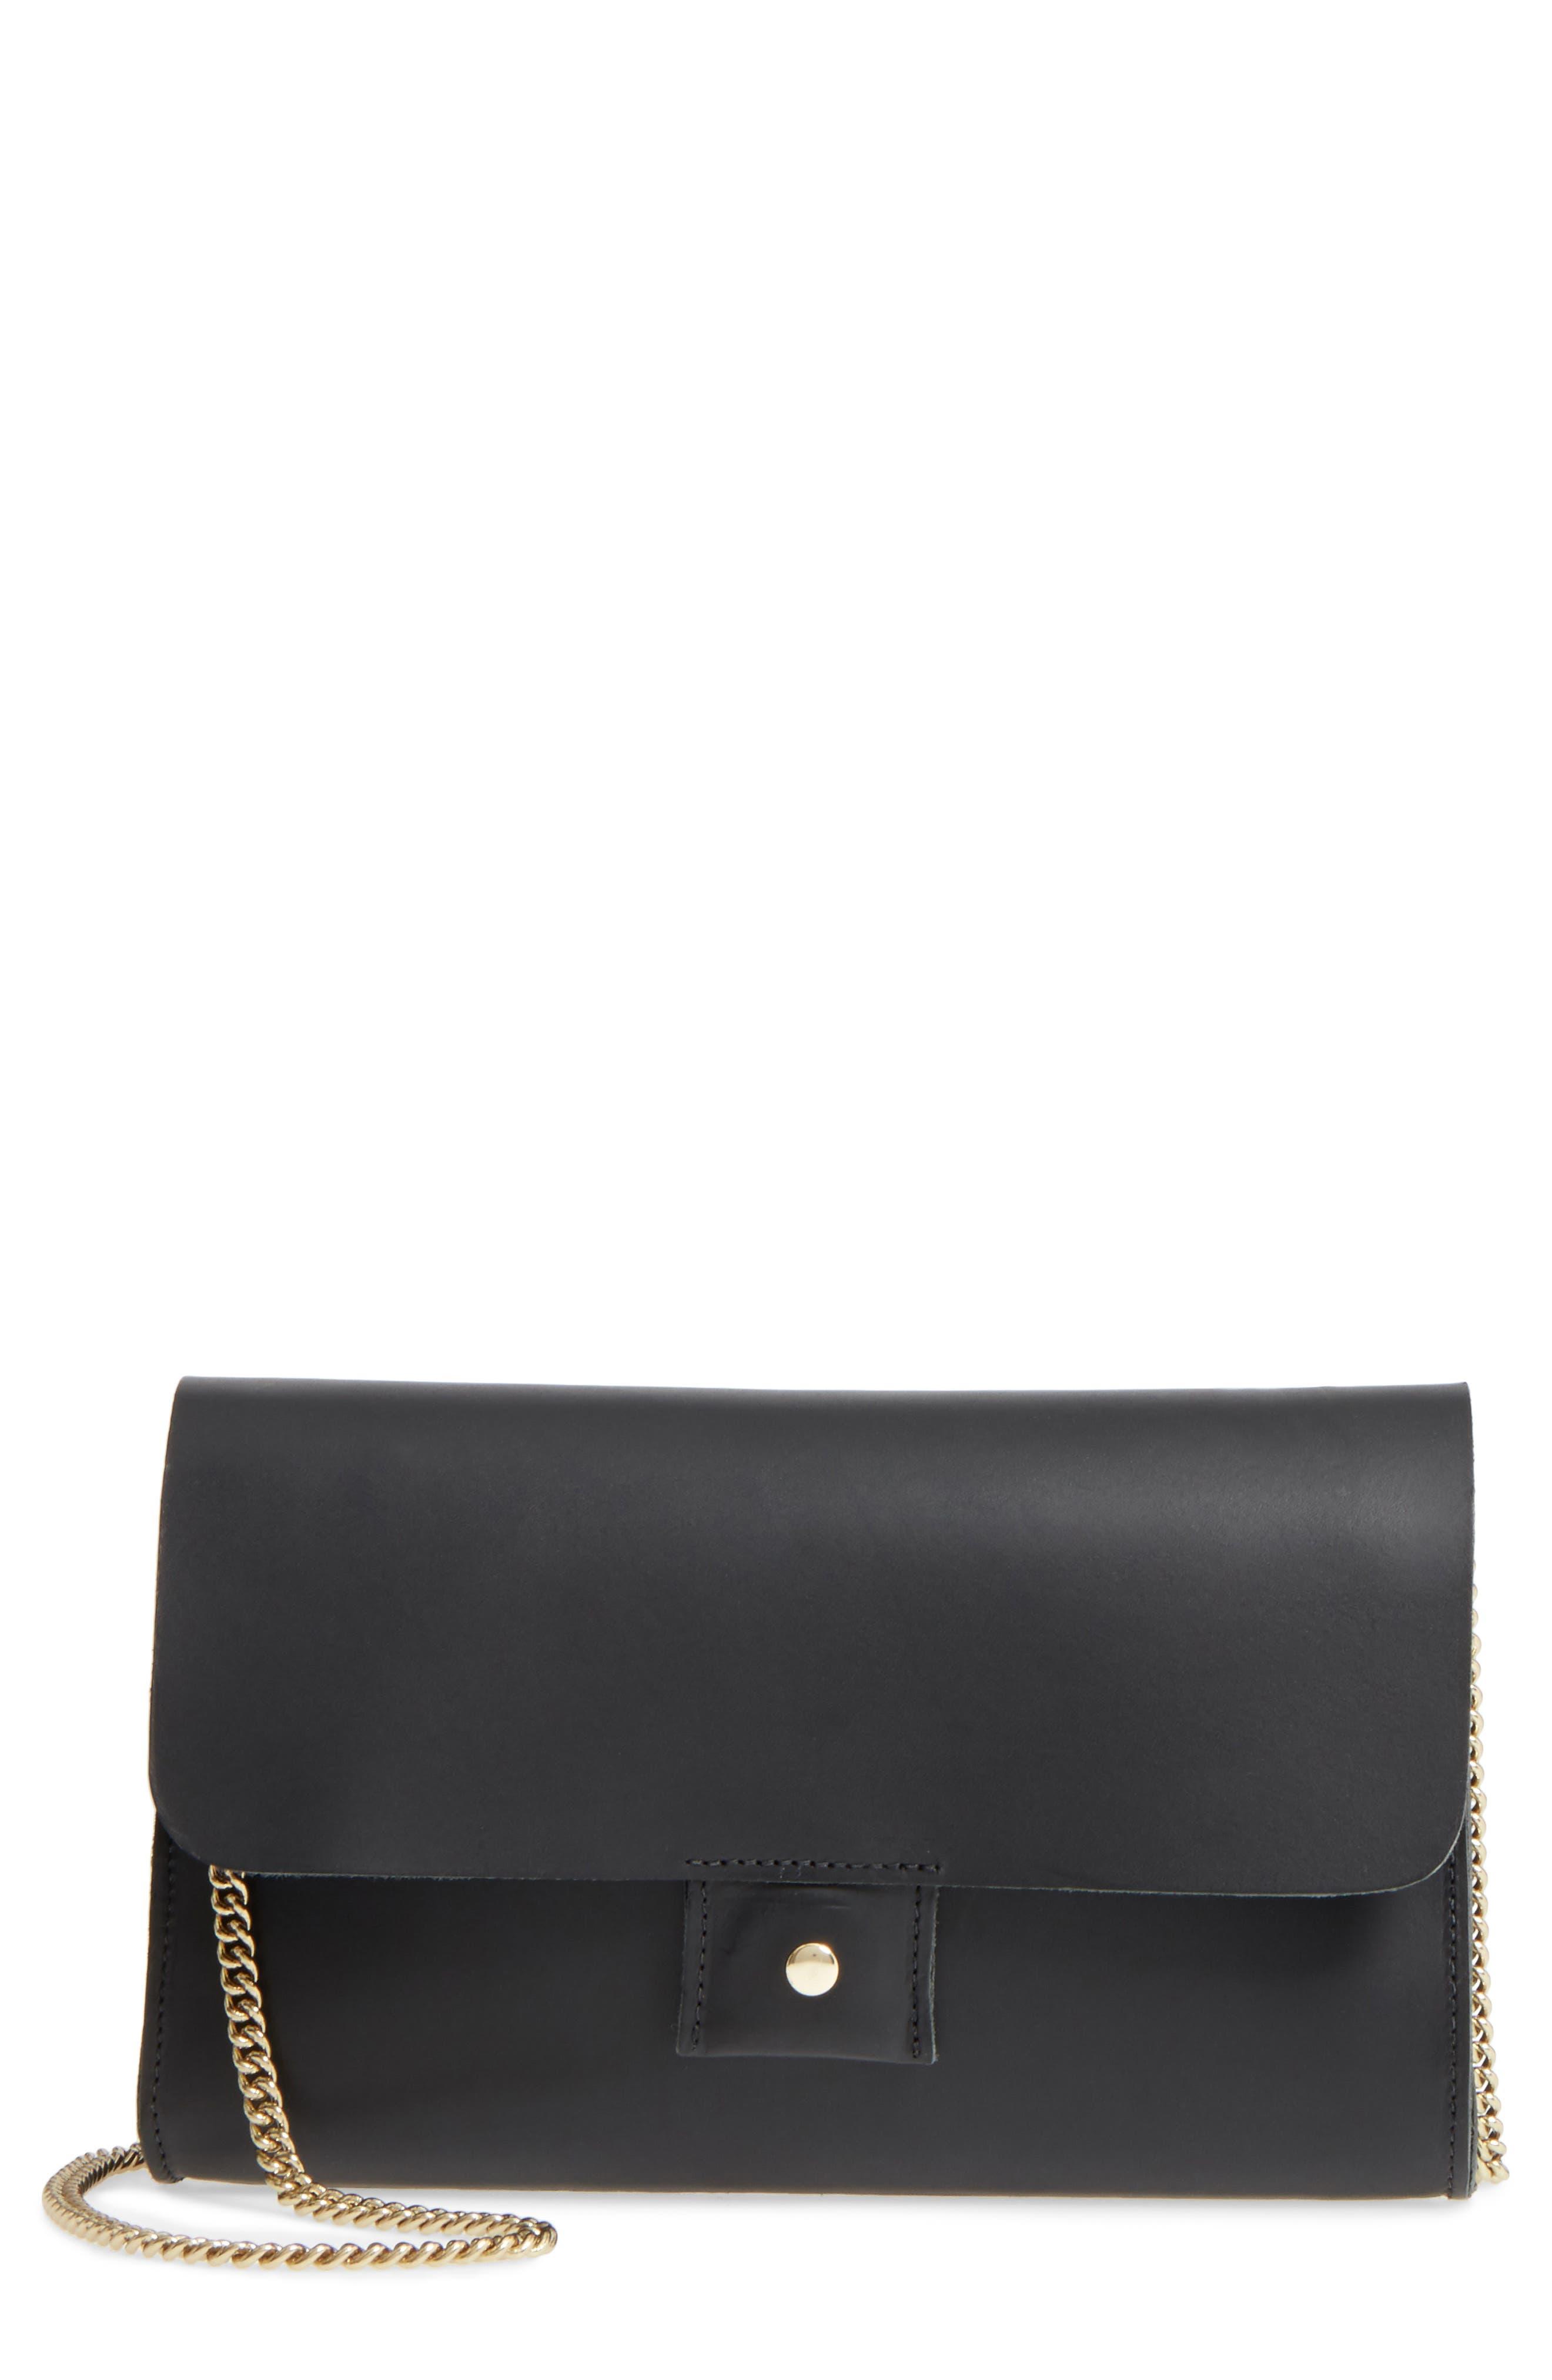 Colette Maison Leather Shoulder Bag,                             Main thumbnail 1, color,                             001